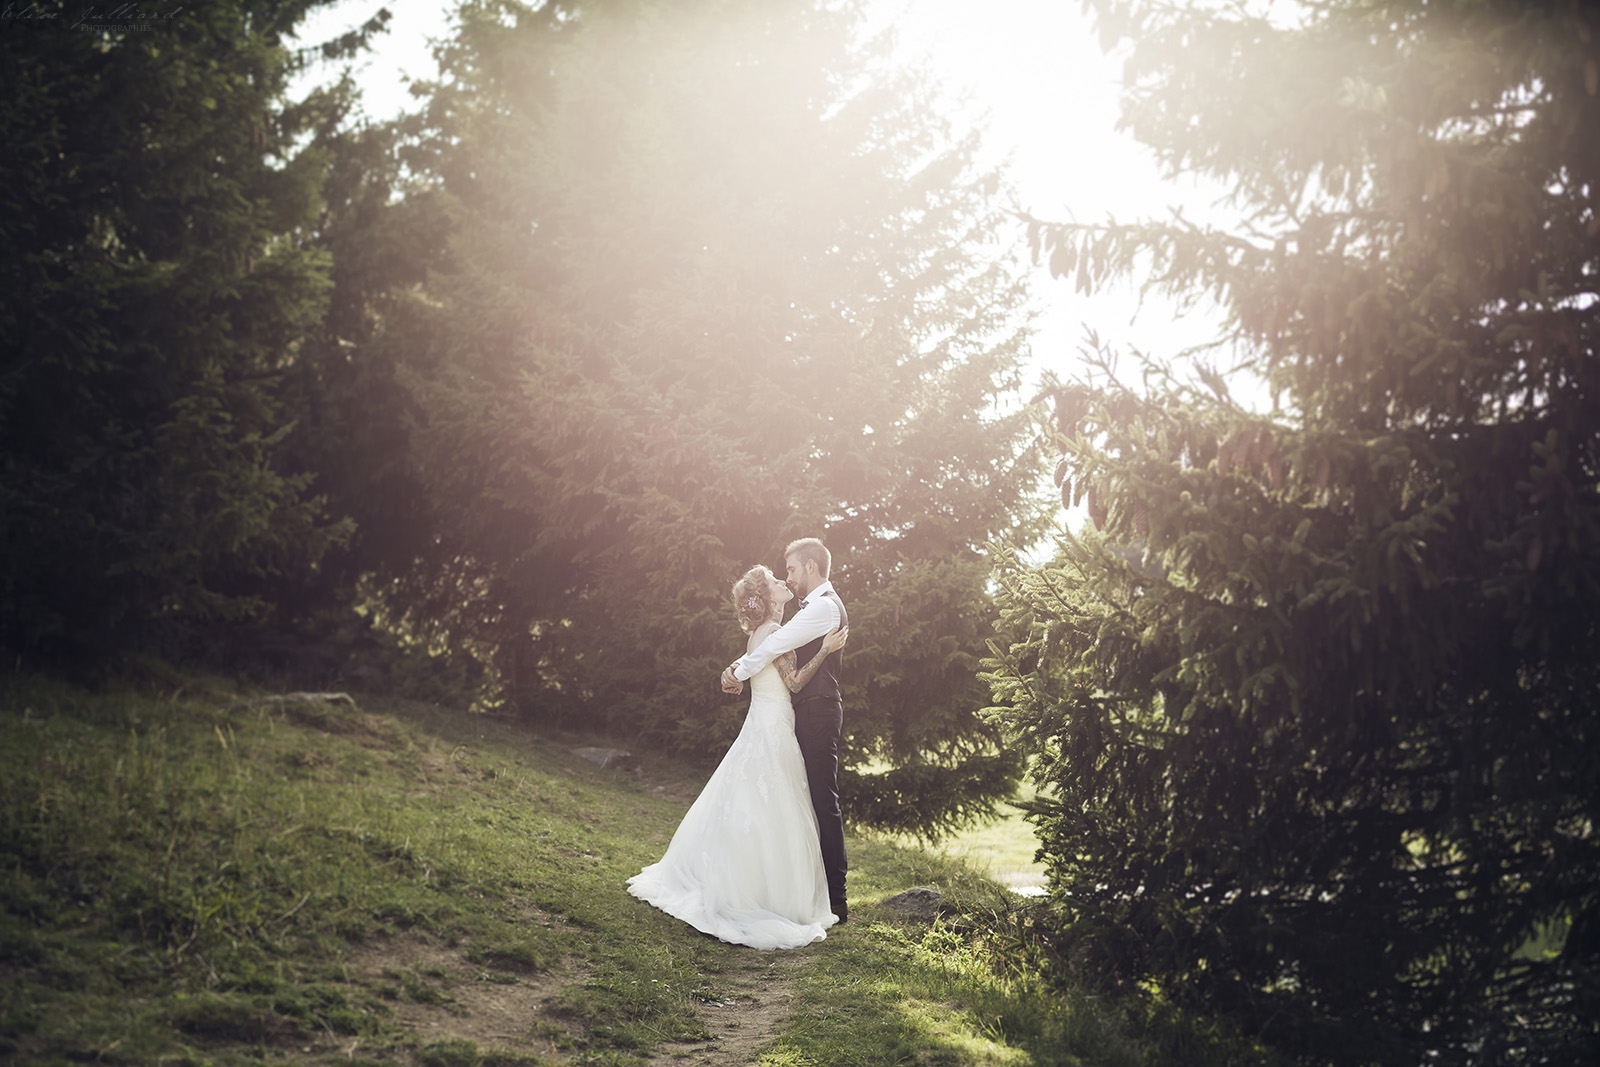 mariage-seance-couple-amour-amoureux-wedding-photographe-elise-julliard-lyon-auvergne-rhone-alpes-savoie-saint-francois-longchamp-maurienne-3